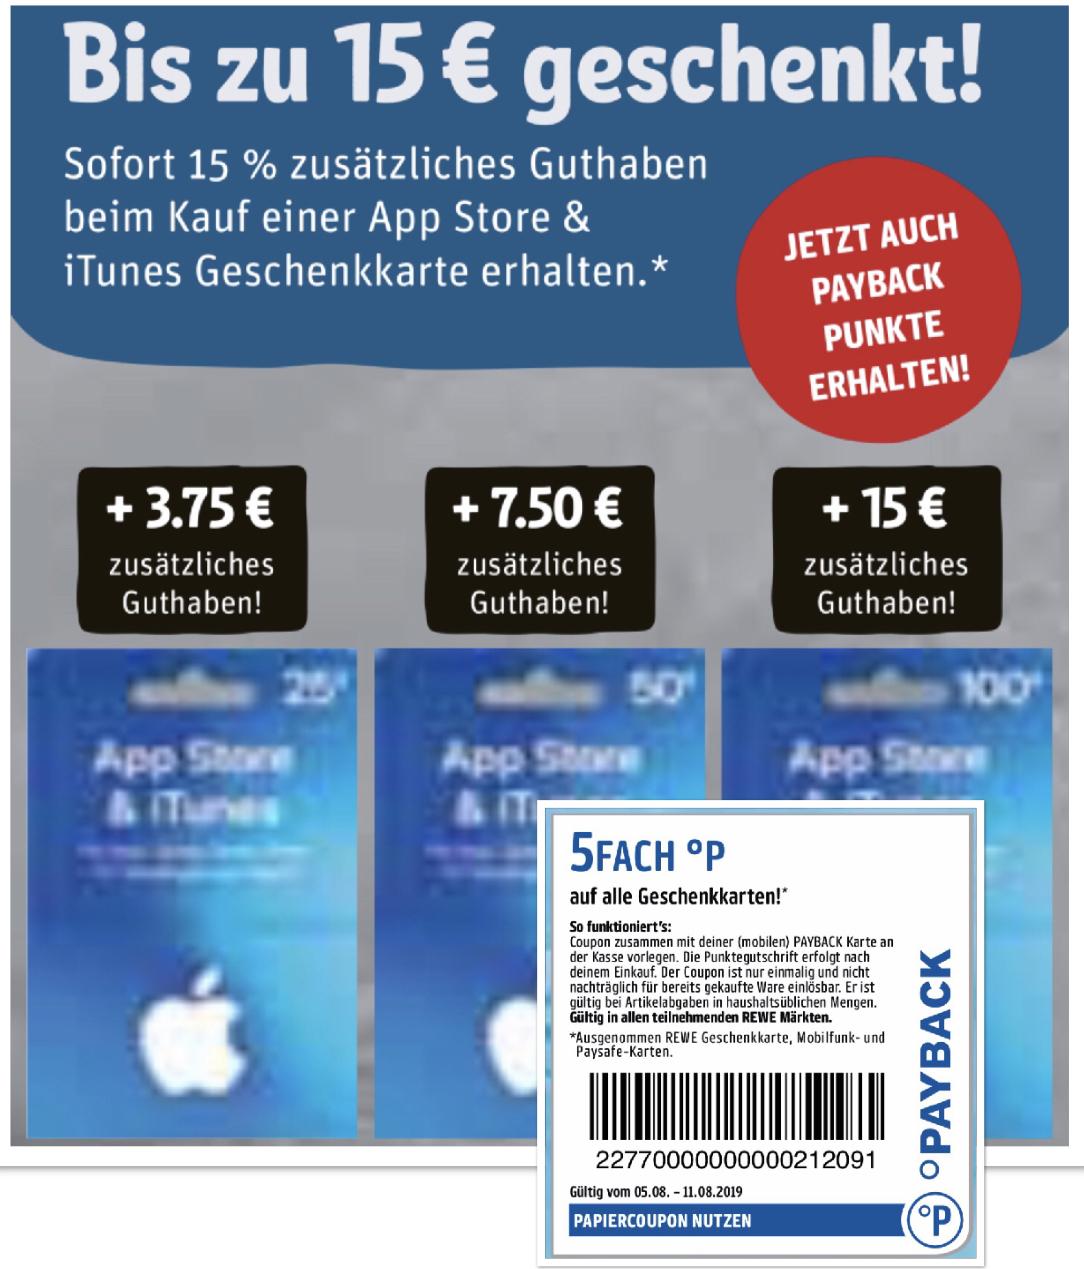 REWE: 15% zusätzliches Guthaben geschenkt für App Store & iTunes Geschenkkarten + 5-fach Payback Punkte! - 25€, 50€ o. 100€ möglich